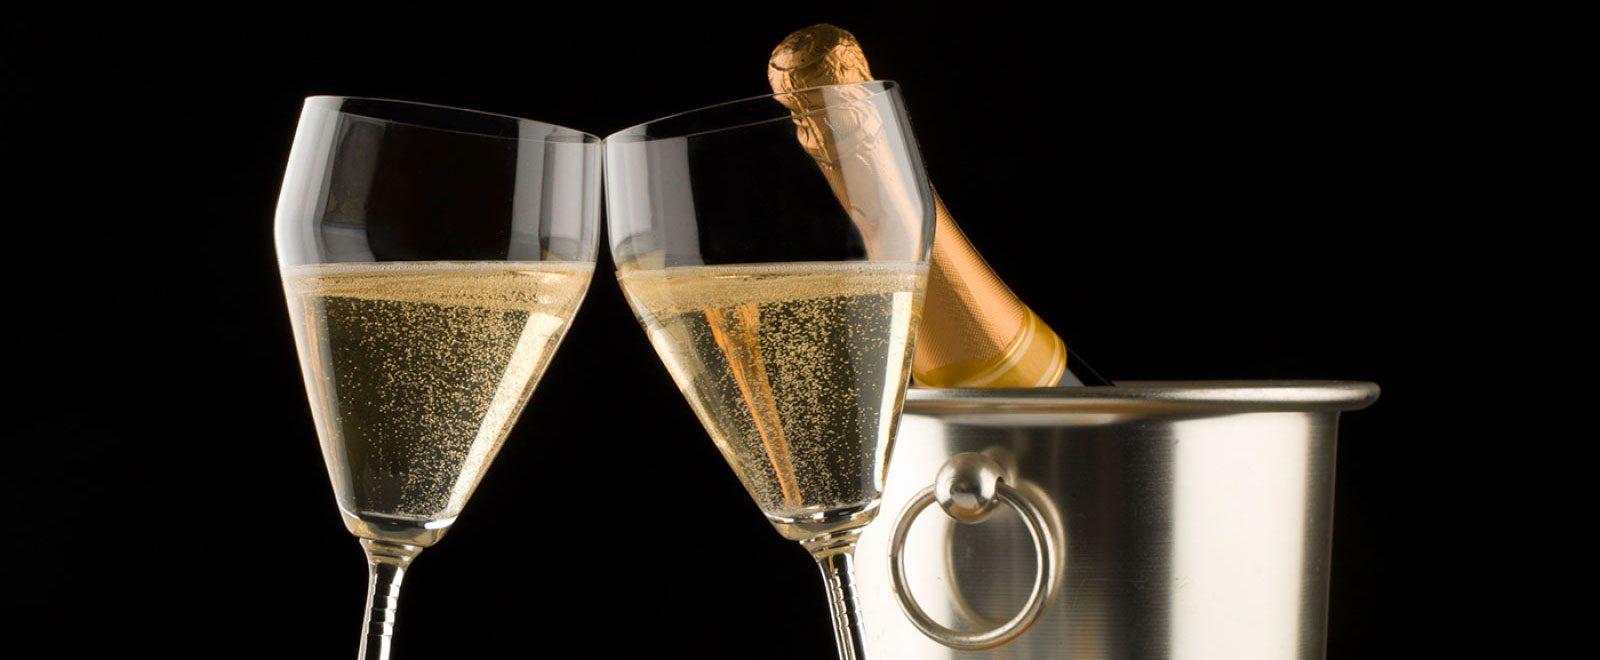 Realizzazione siti web per cantine e consorzi vitivinicoli - Blulab